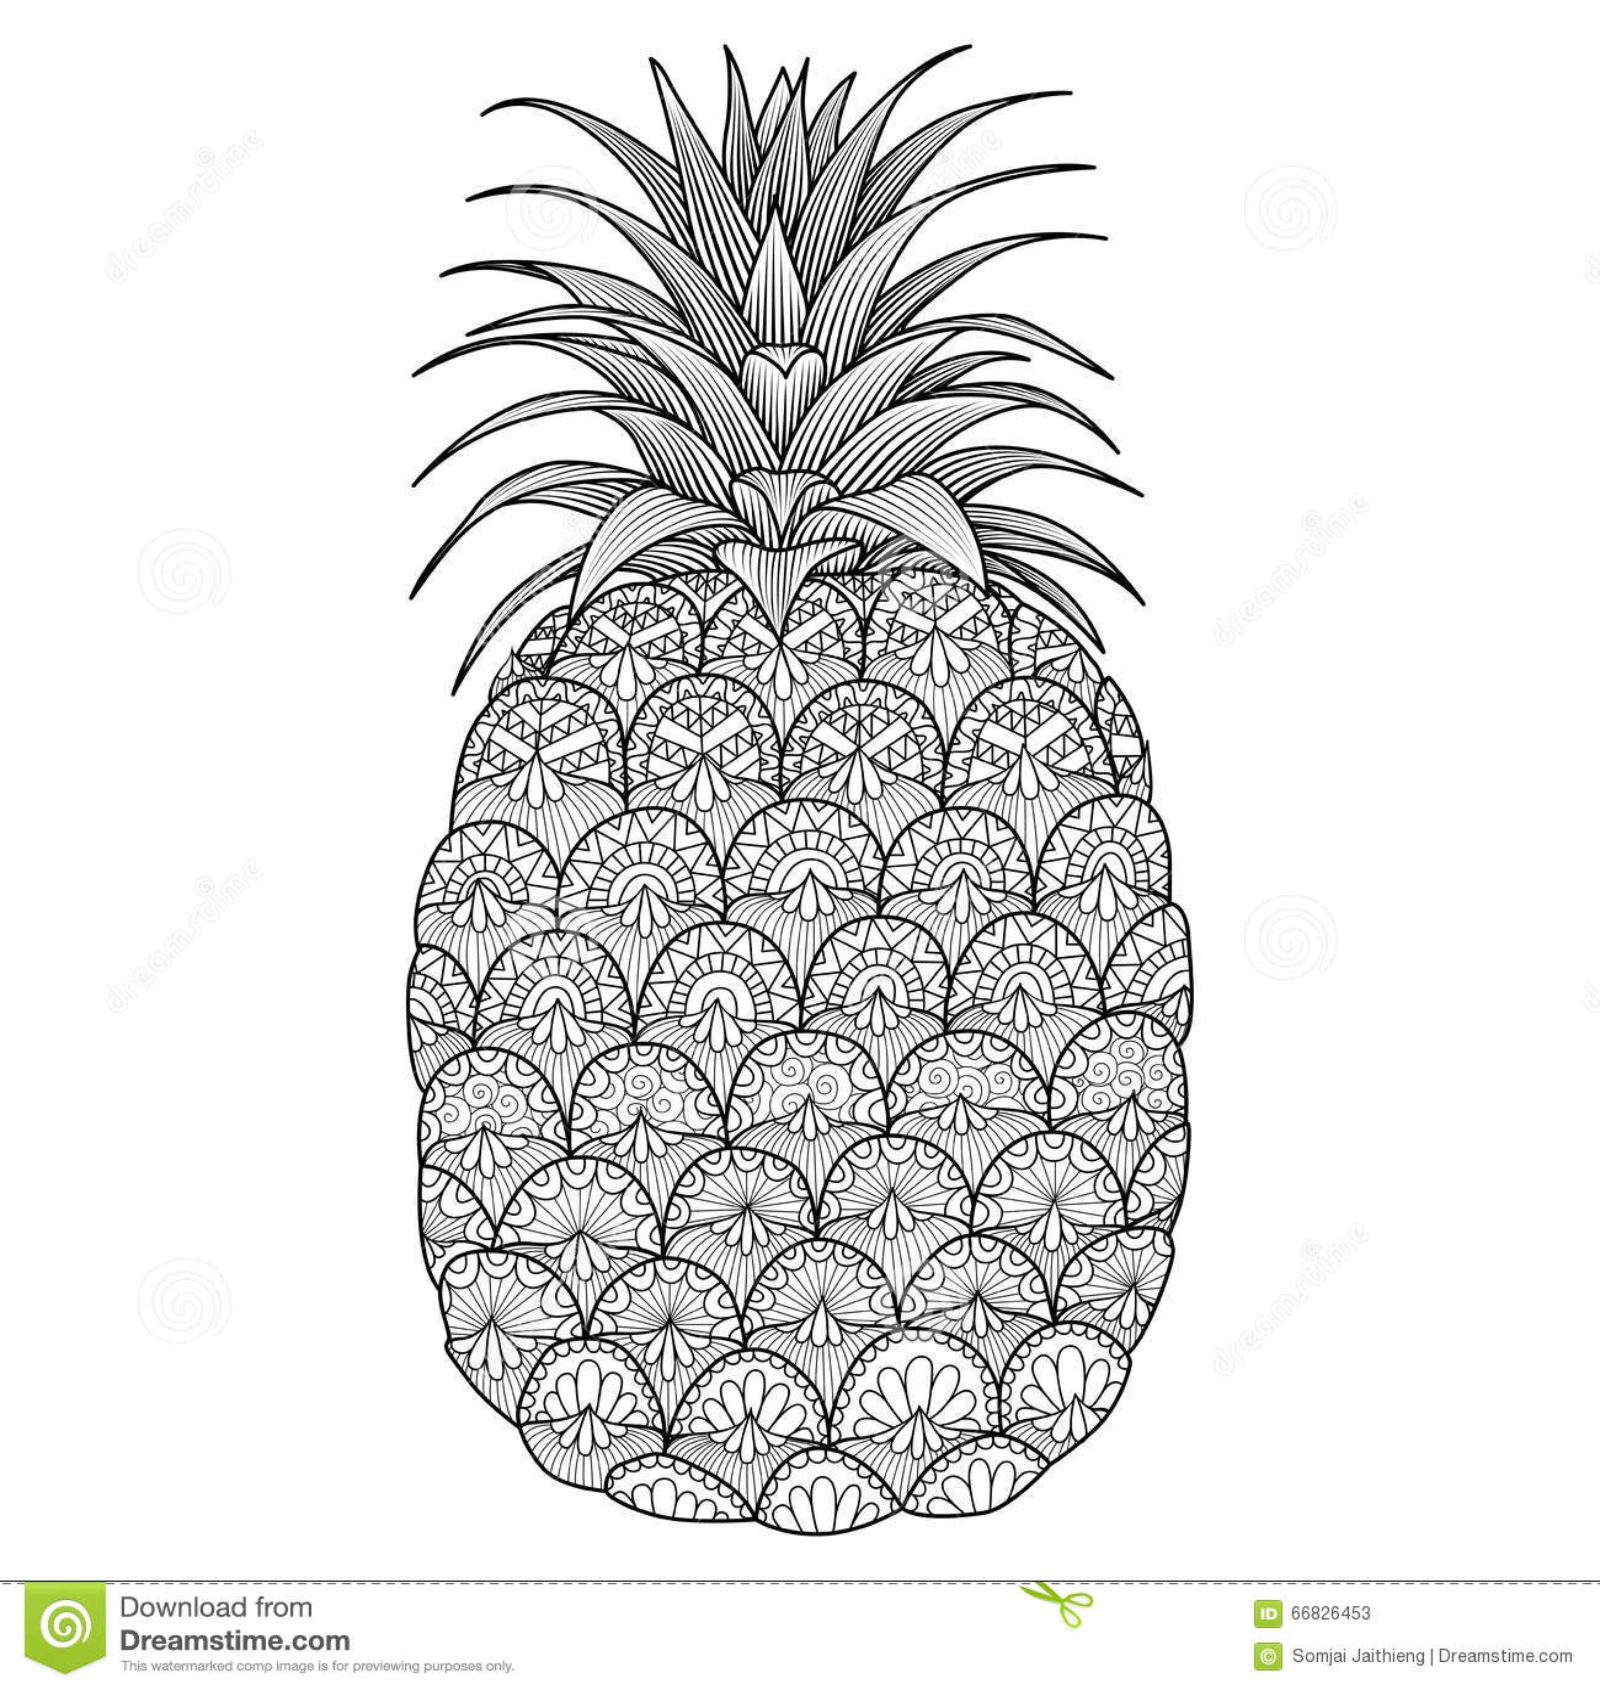 Pineapple Line Art Design Stock